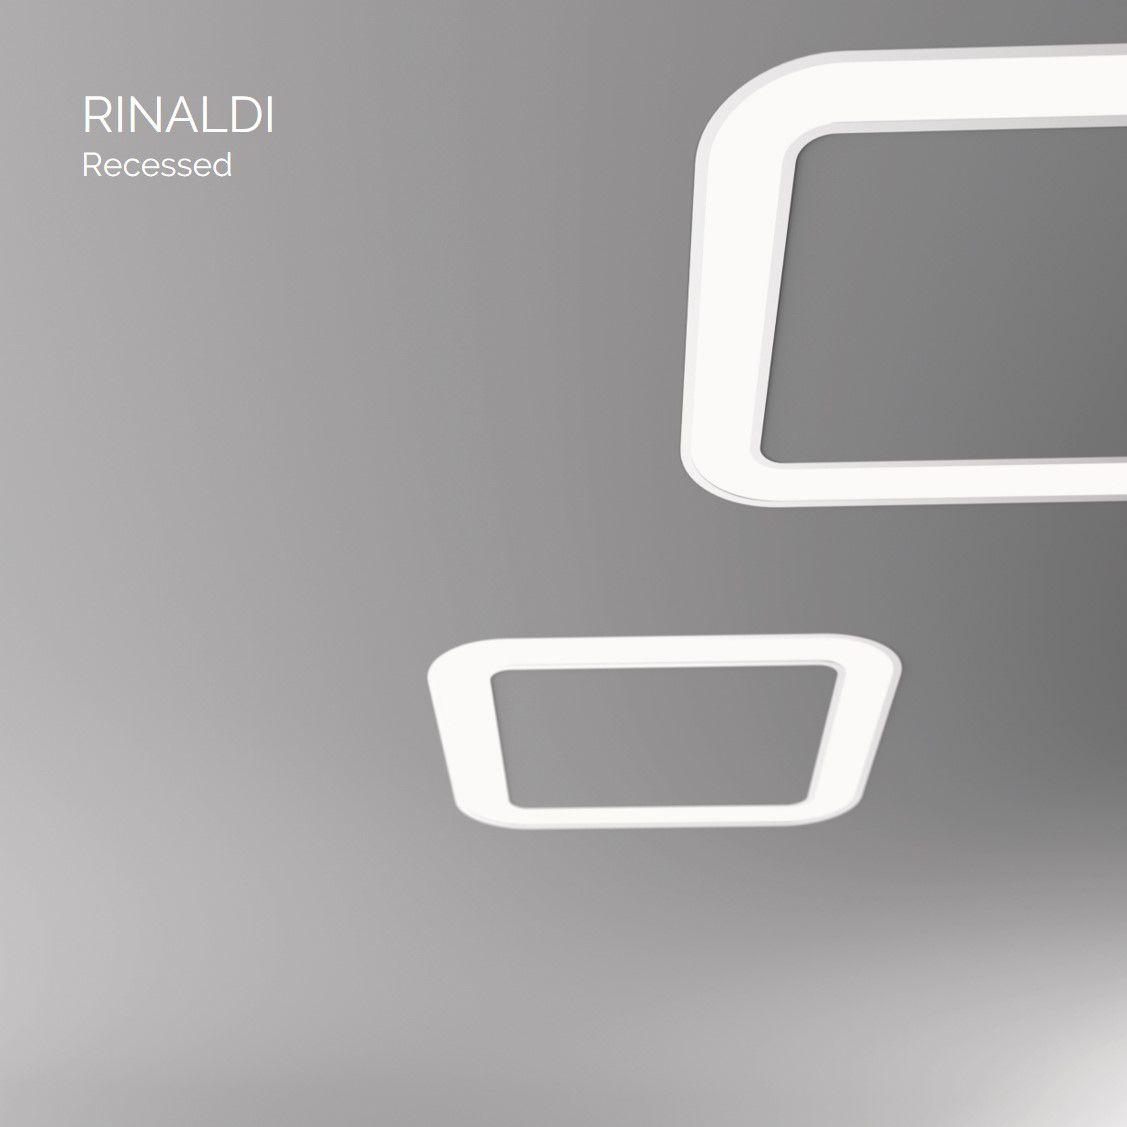 rinaldi inbouw armatuur vierkant 1200mm 3000k 10630lm 140w dali